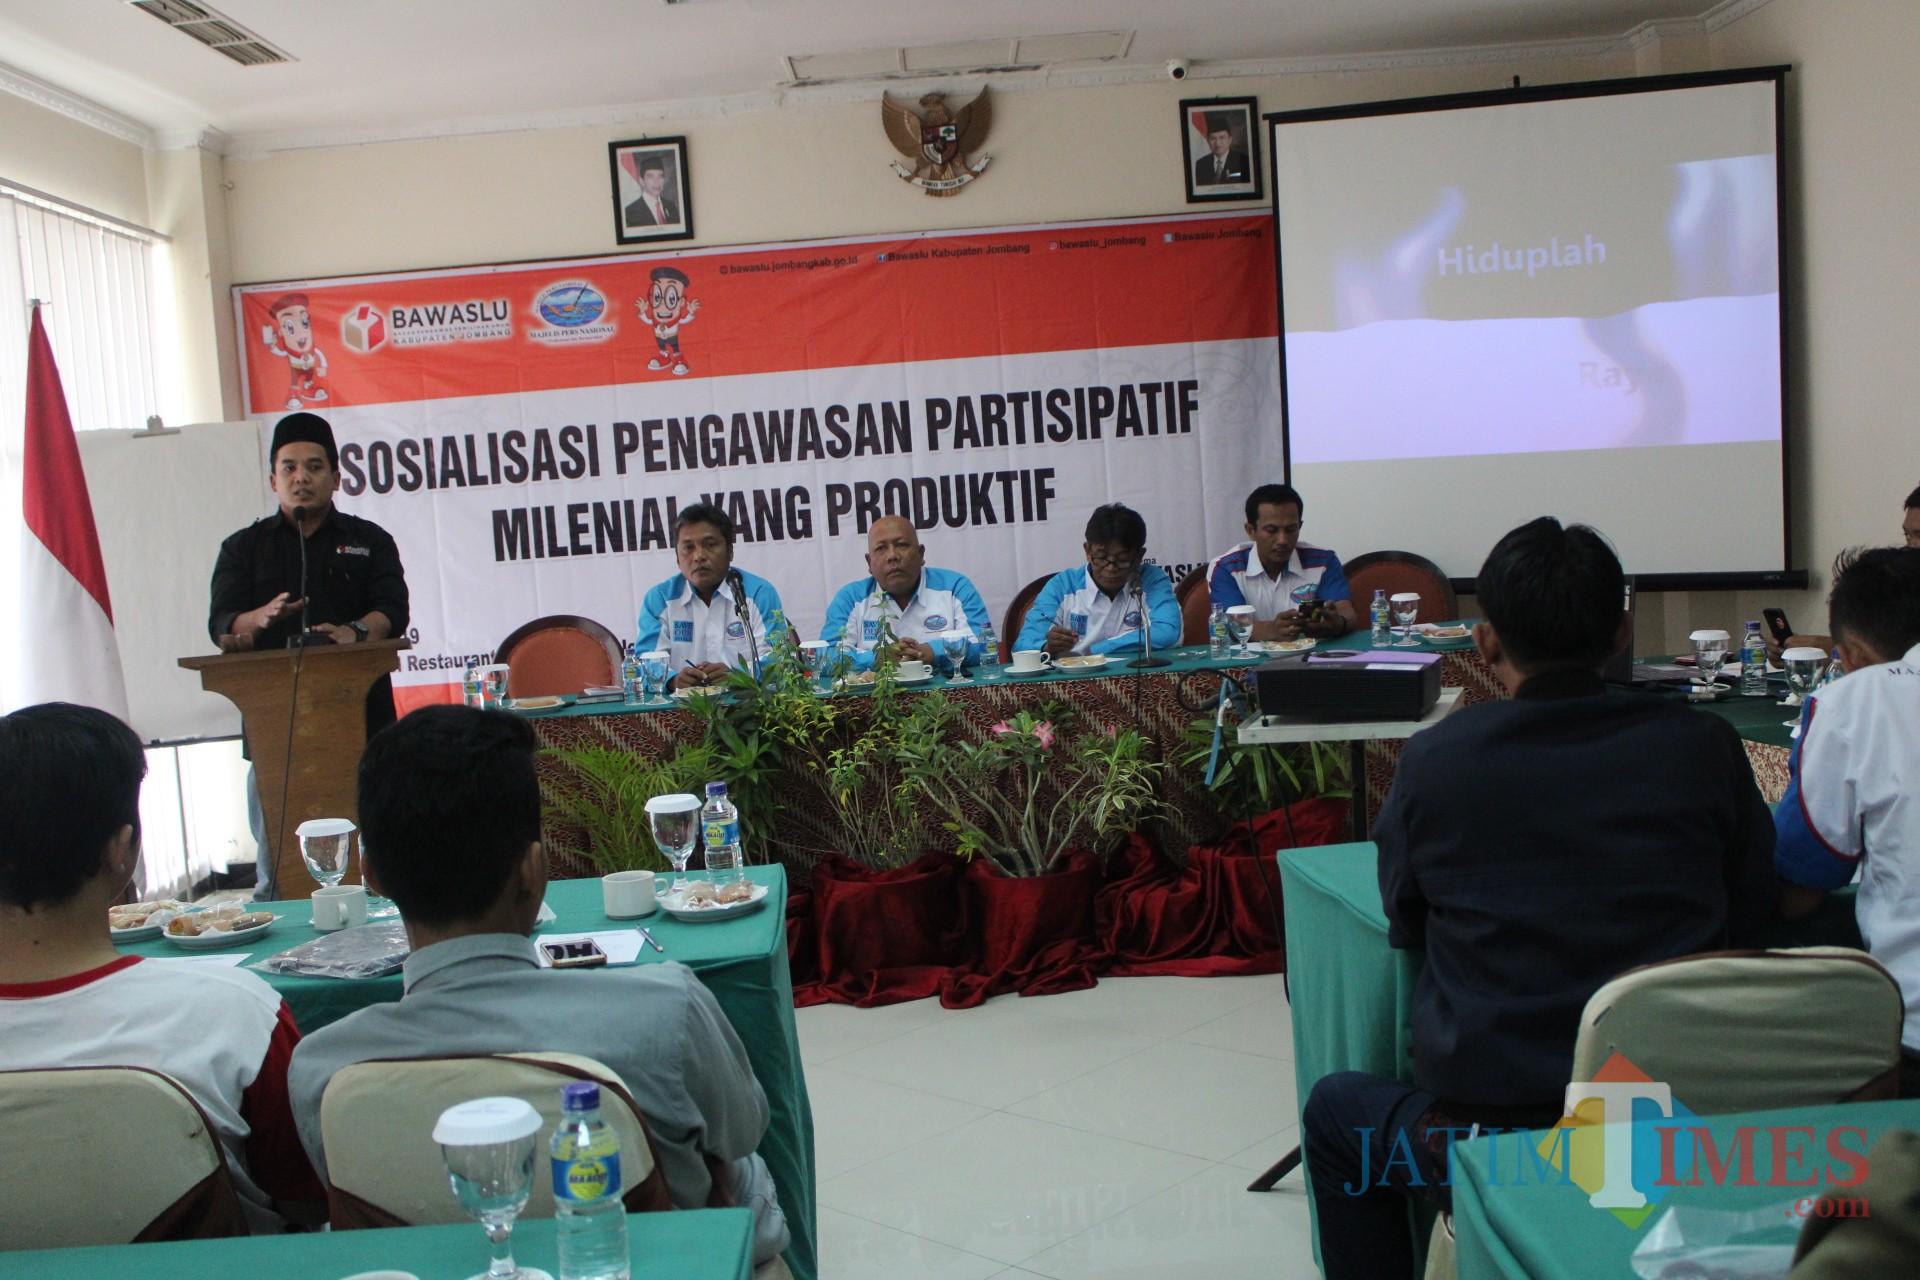 Anggota Bawaslu Kabupaten Jombang, Achmad Zani saat memberikan materi pengawasan partisipatif di hadapan peserta sosialisasi di Hotel Yusro. (Foto : Adi Rosul / JombangTIMES)